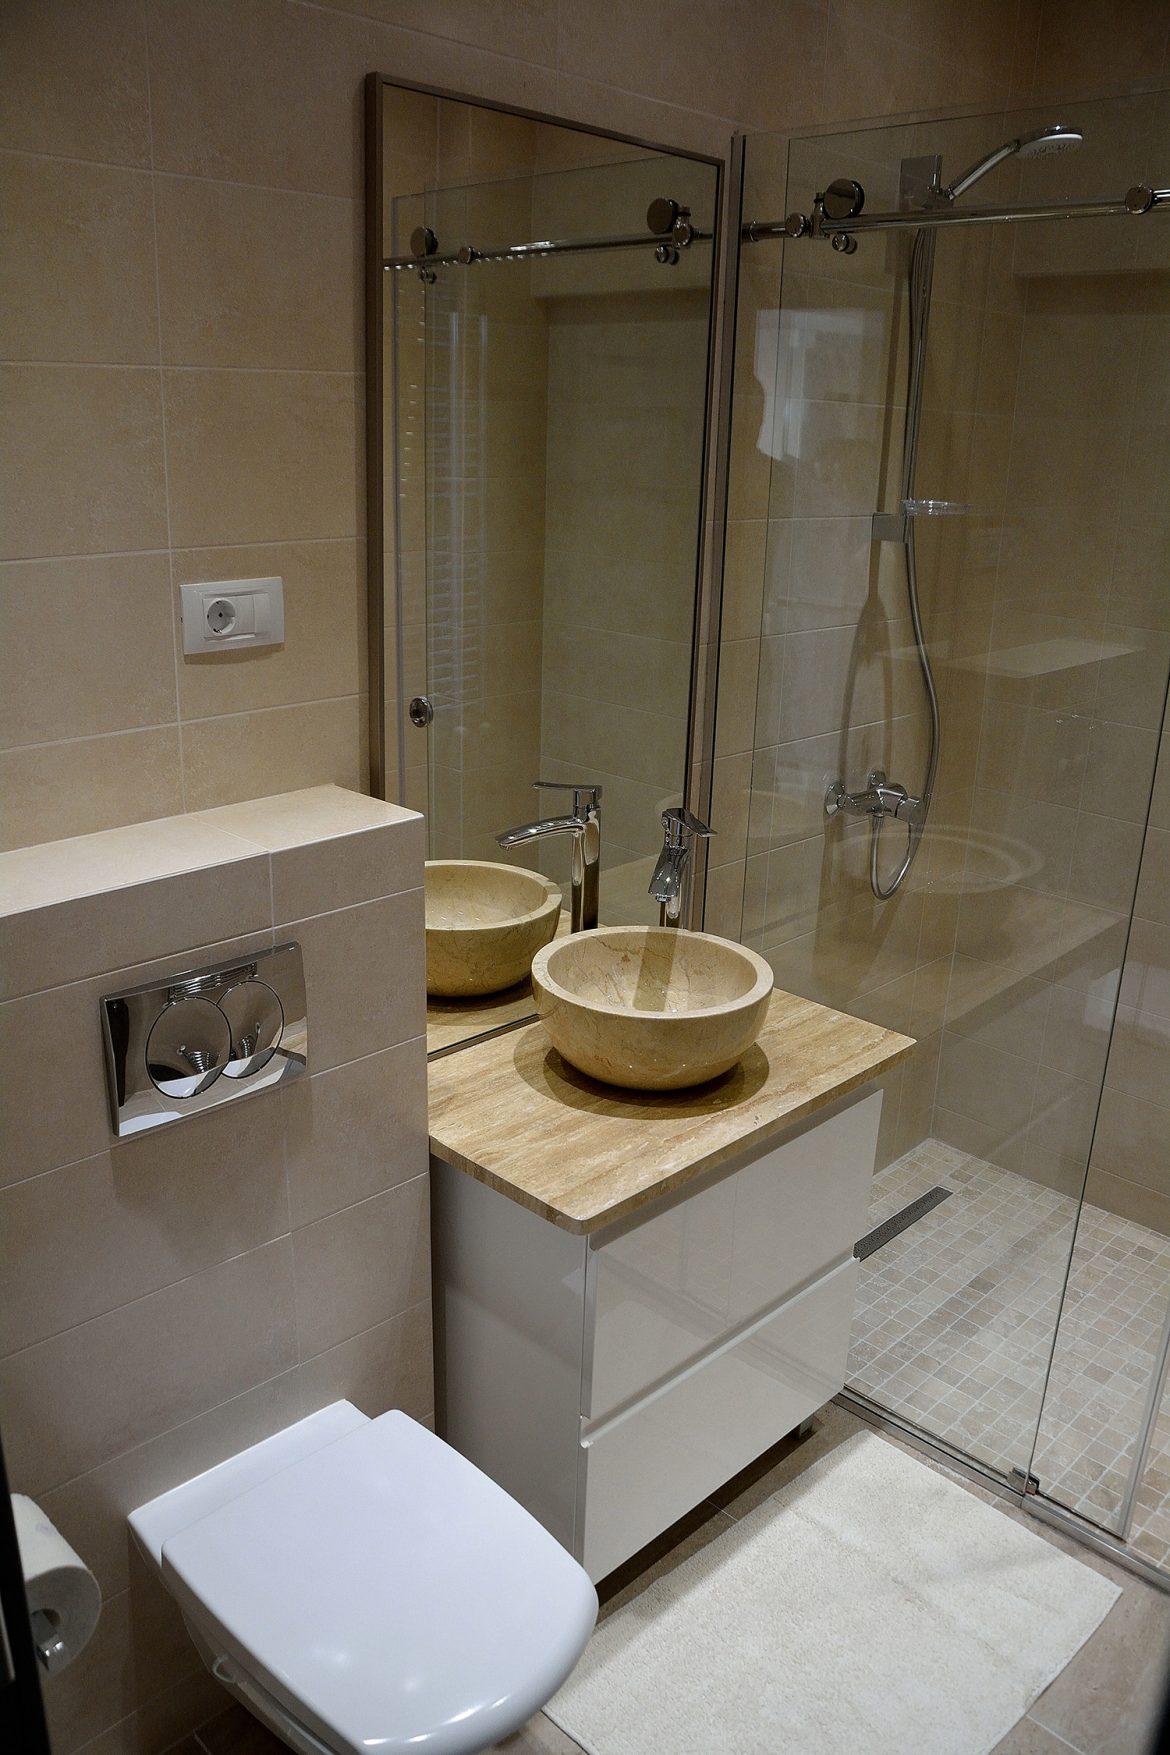 Mobilier baie realizat pe comanda in intregime din Mdf Vopsit Lucios Alb cu frezare maner usi